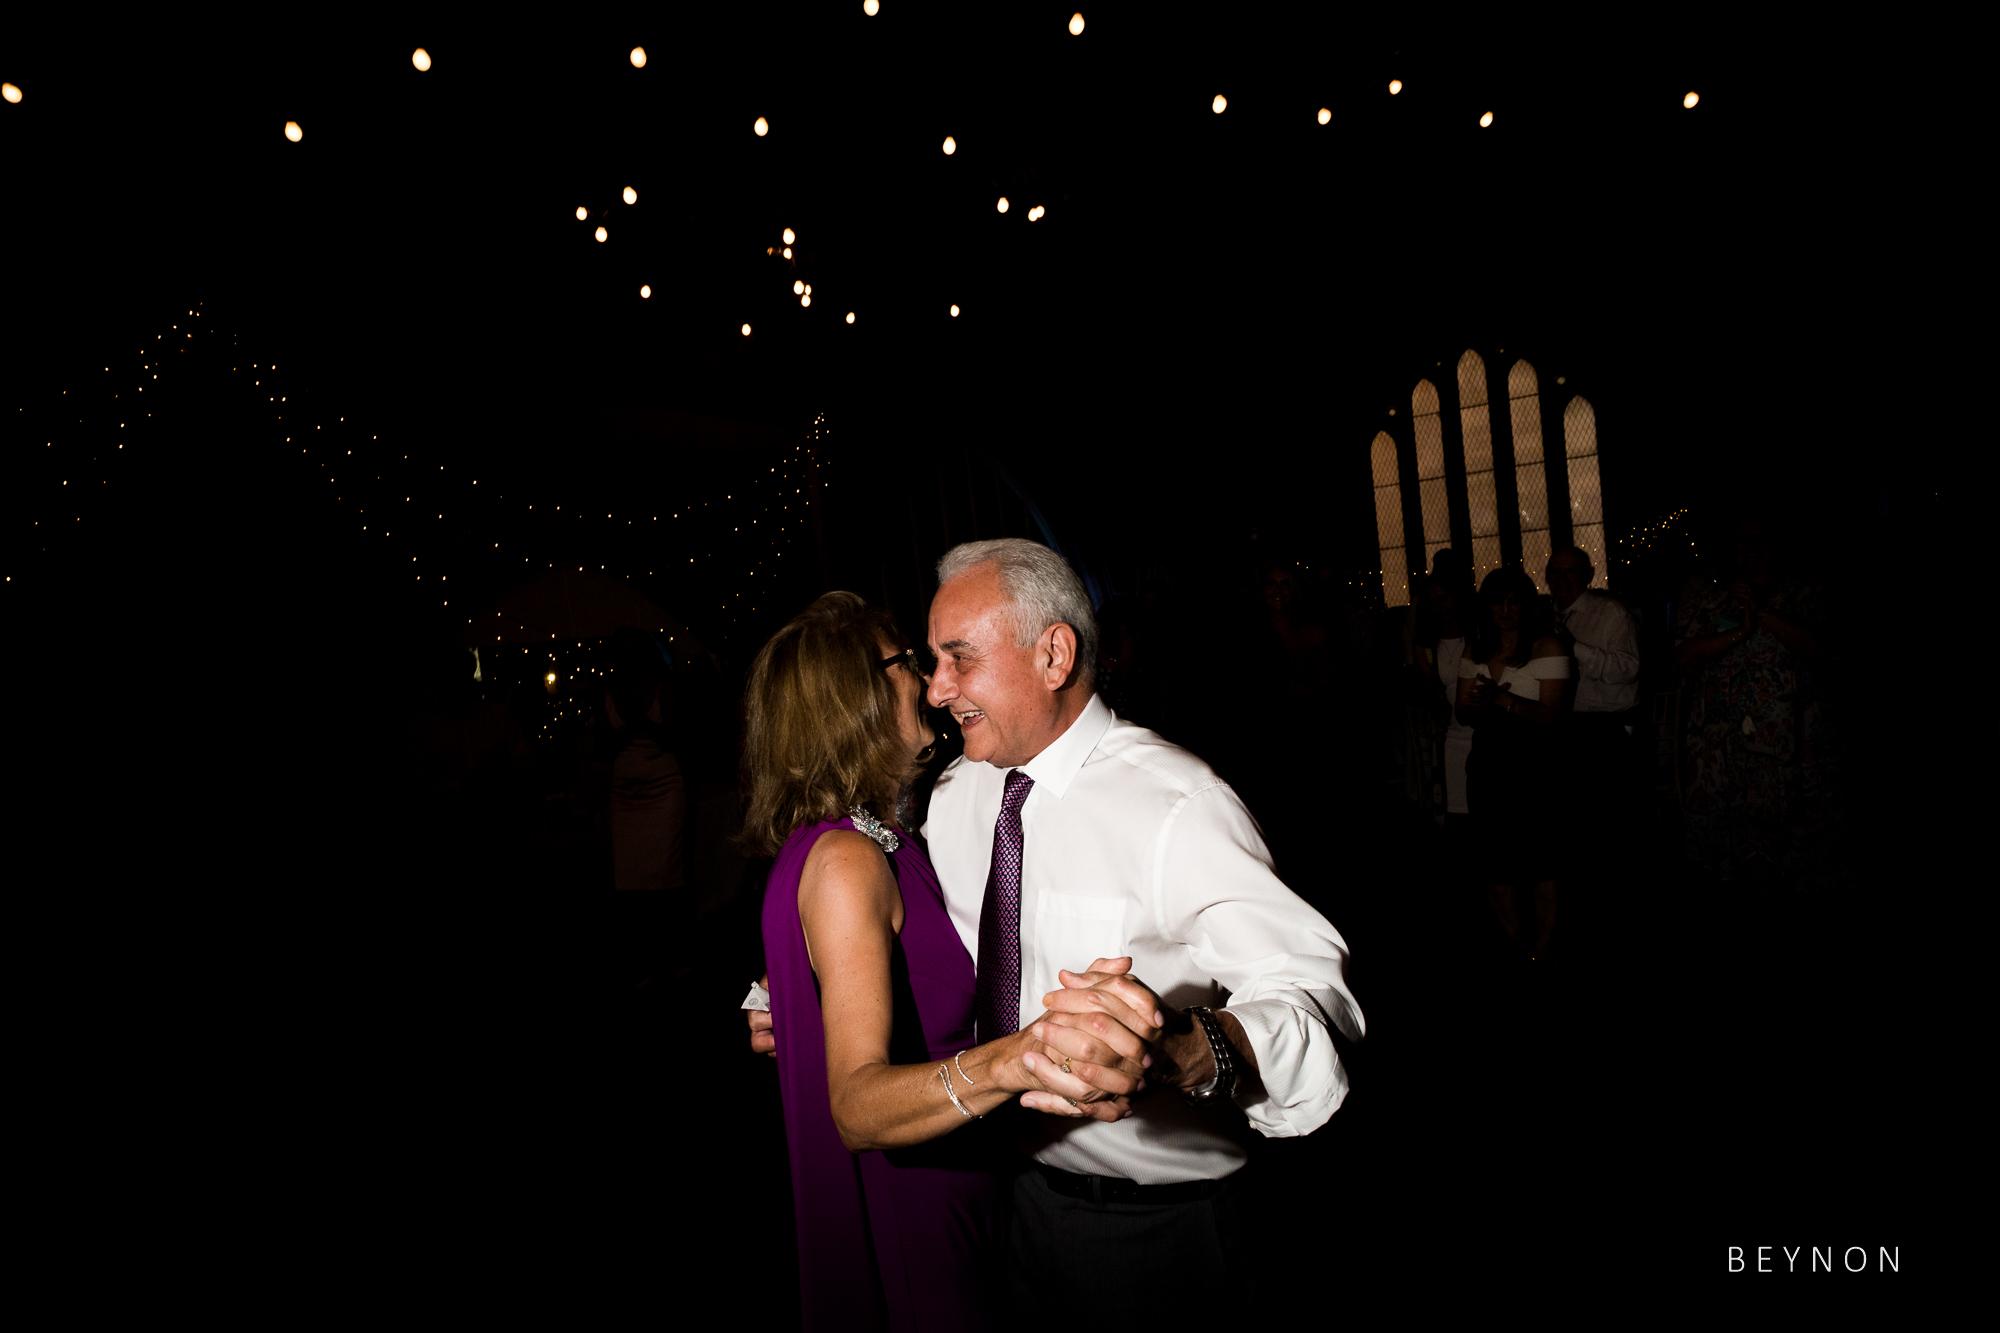 The Groom's parents dance